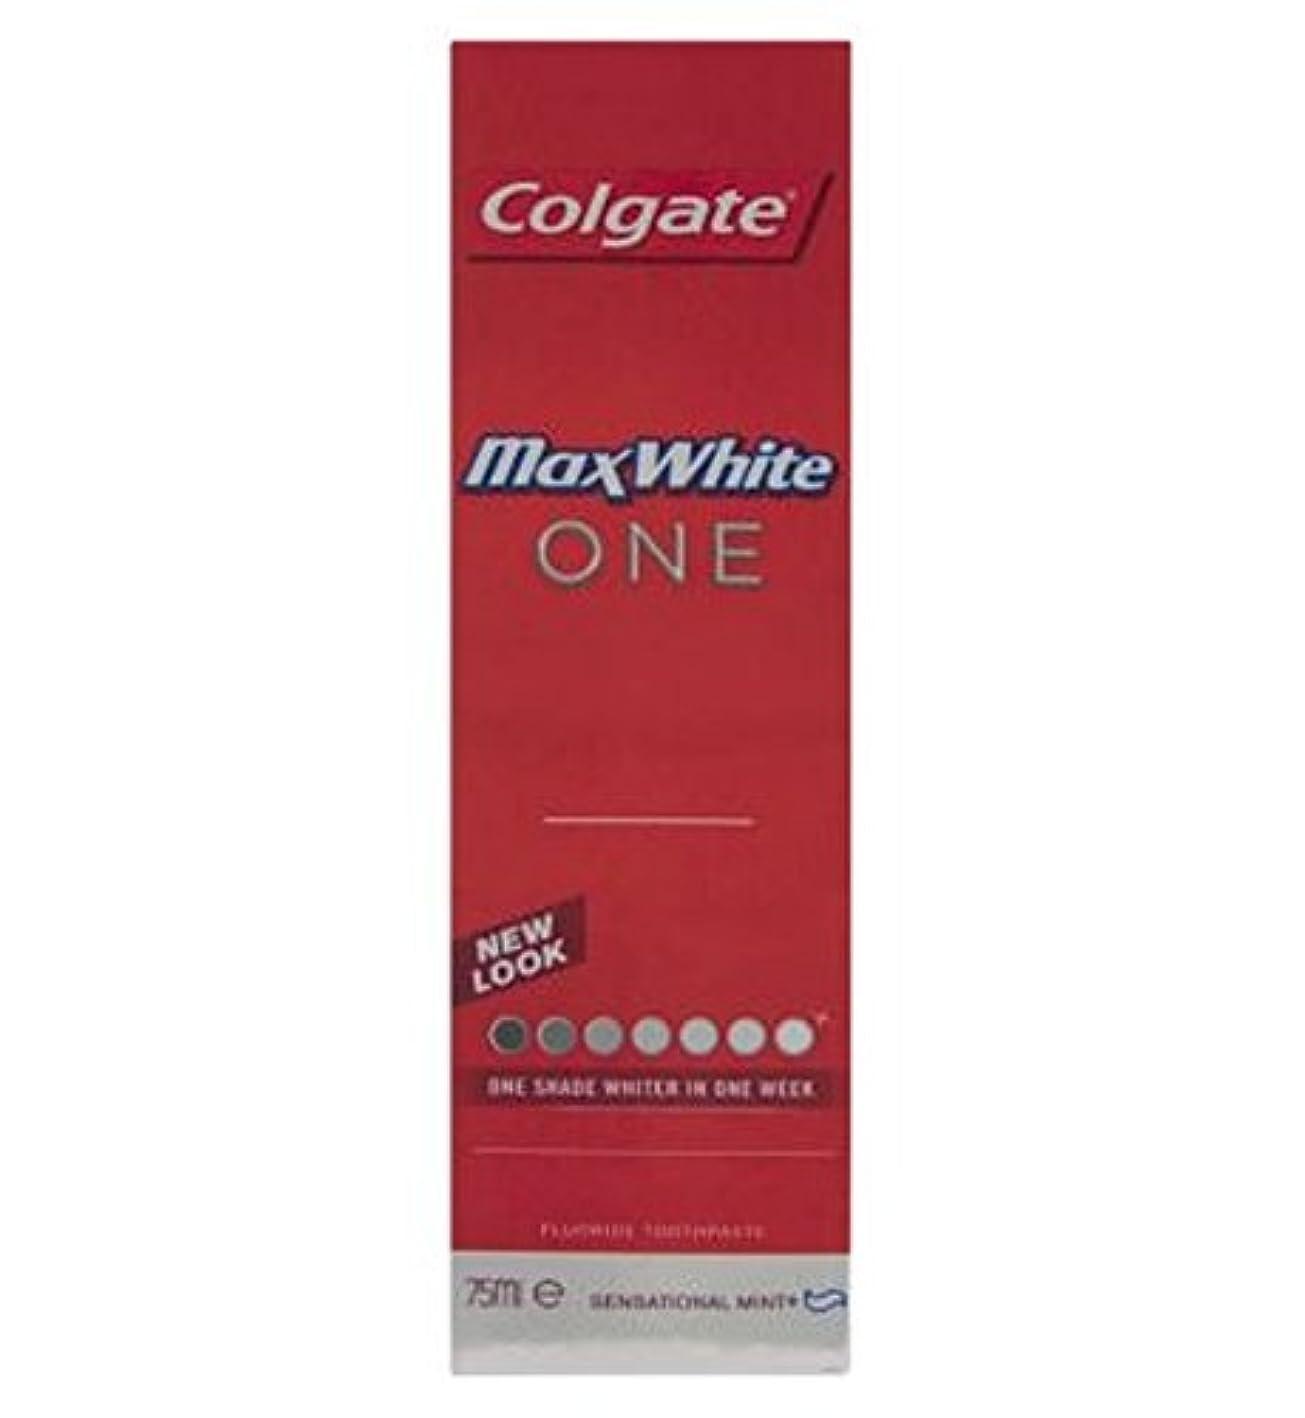 ちっちゃい好ましい池コルゲートマックスホワイト1新鮮な歯磨き粉75ミリリットル (Colgate) (x2) - Colgate Max White One Fresh toothpaste 75ml (Pack of 2) [並行輸入品]